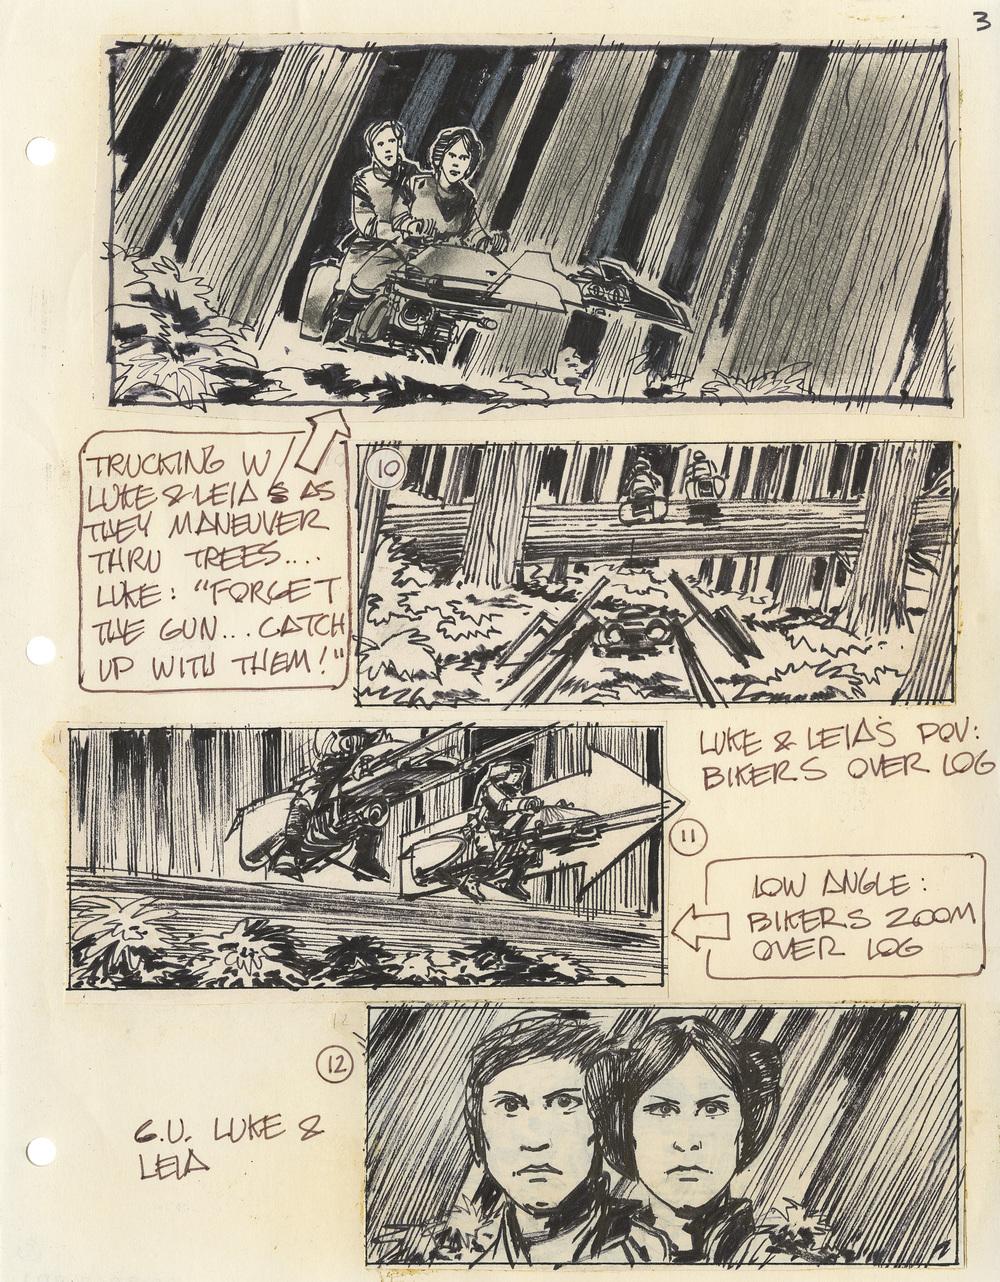 A giant log bars Luke and Leia's path – Joe Johnston